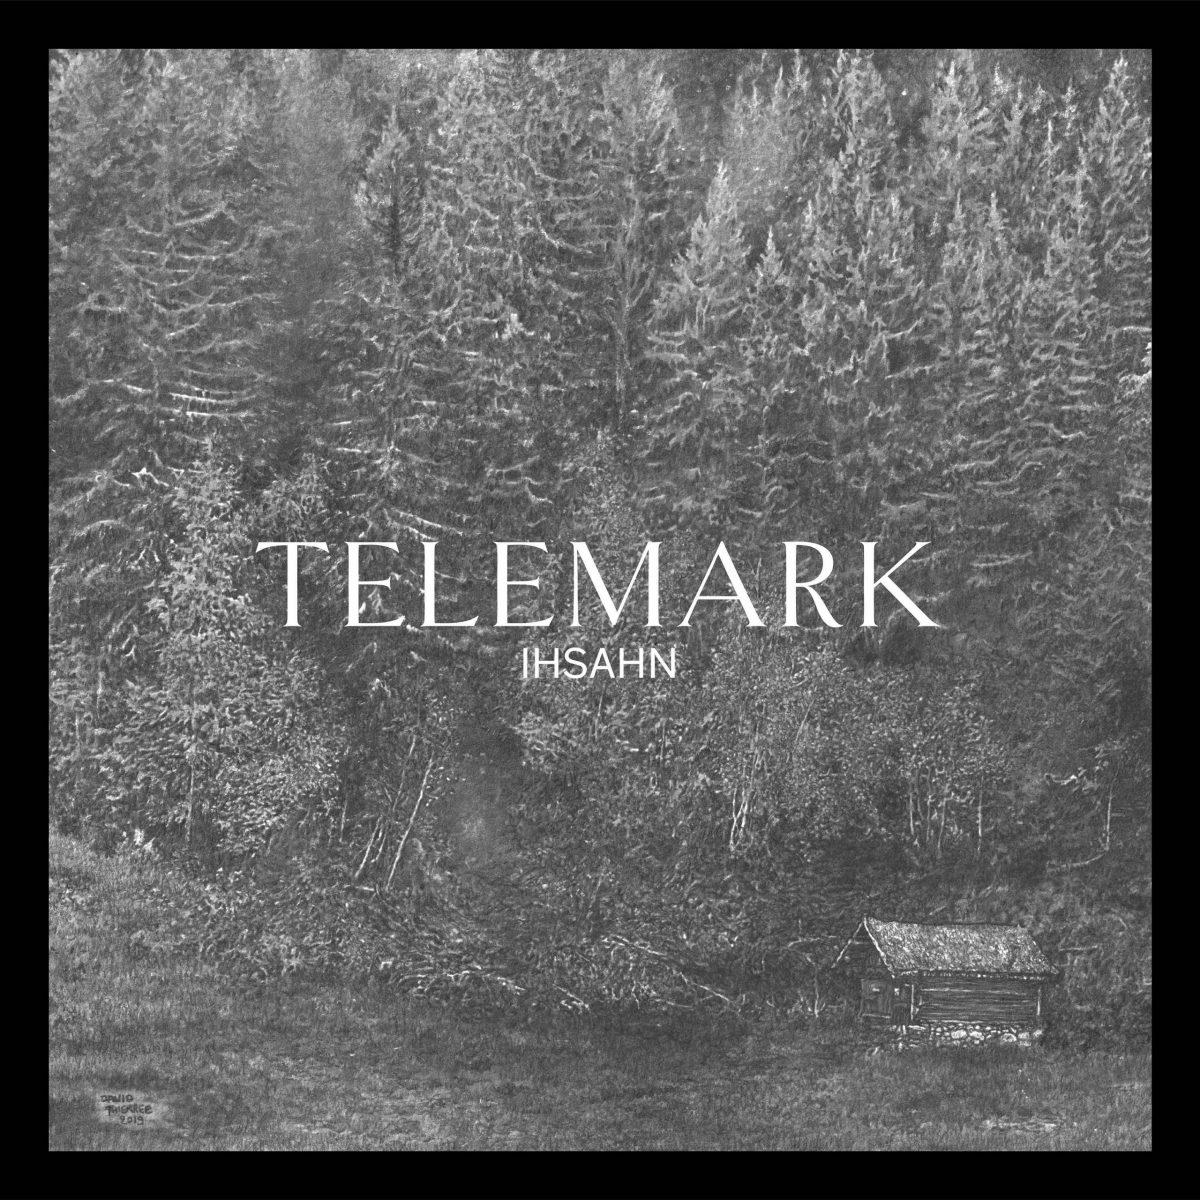 Αποτέλεσμα εικόνας για telemark ihsahn